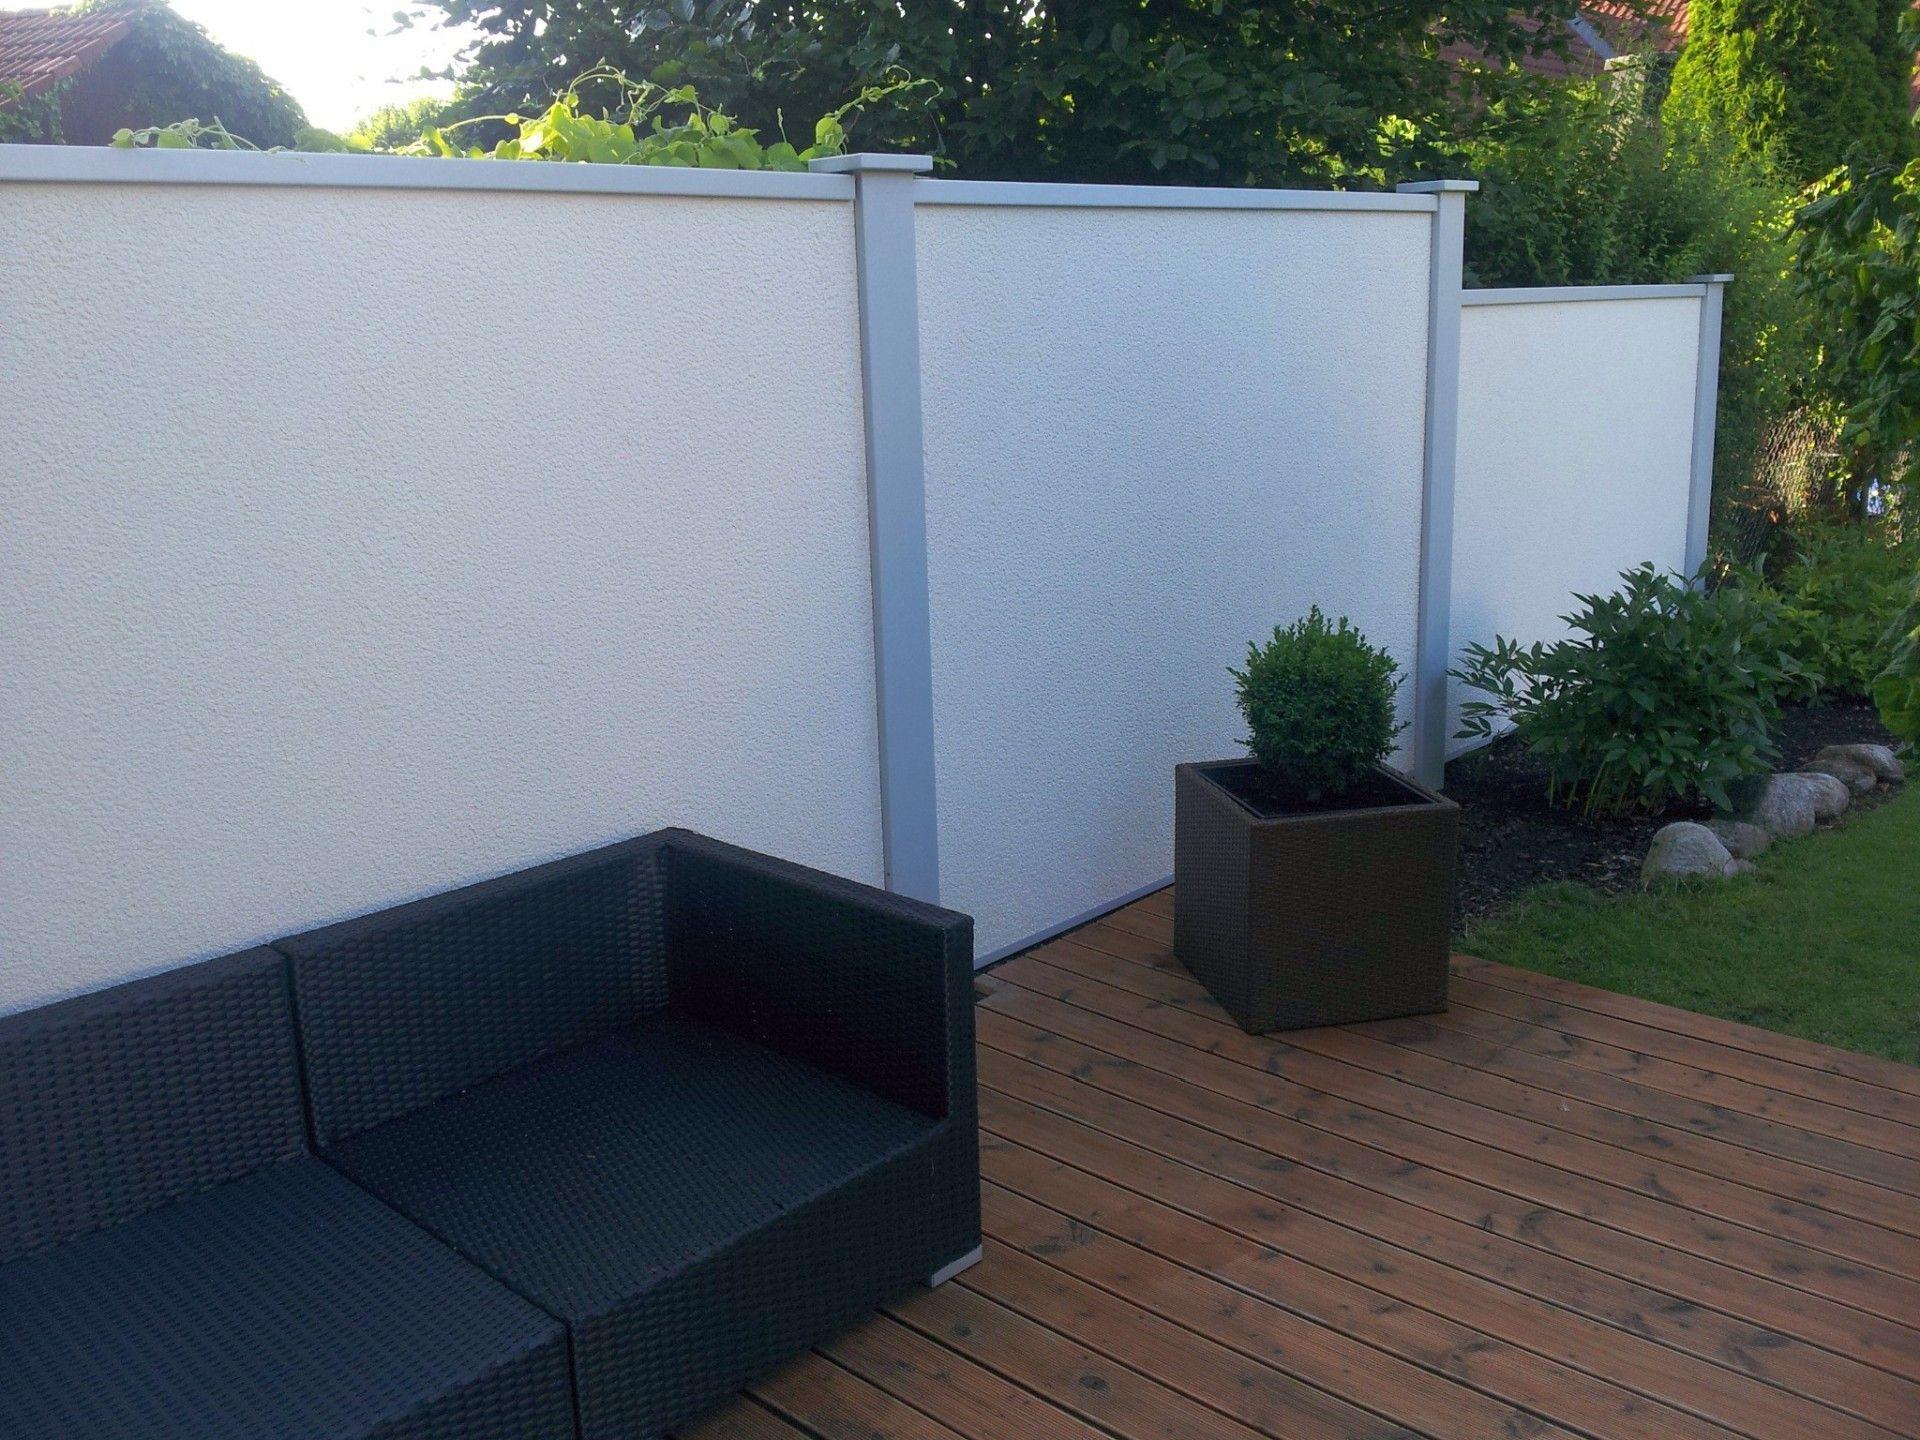 modulare wandsysteme gartenmauer systeme | garten hausbau | pinterest